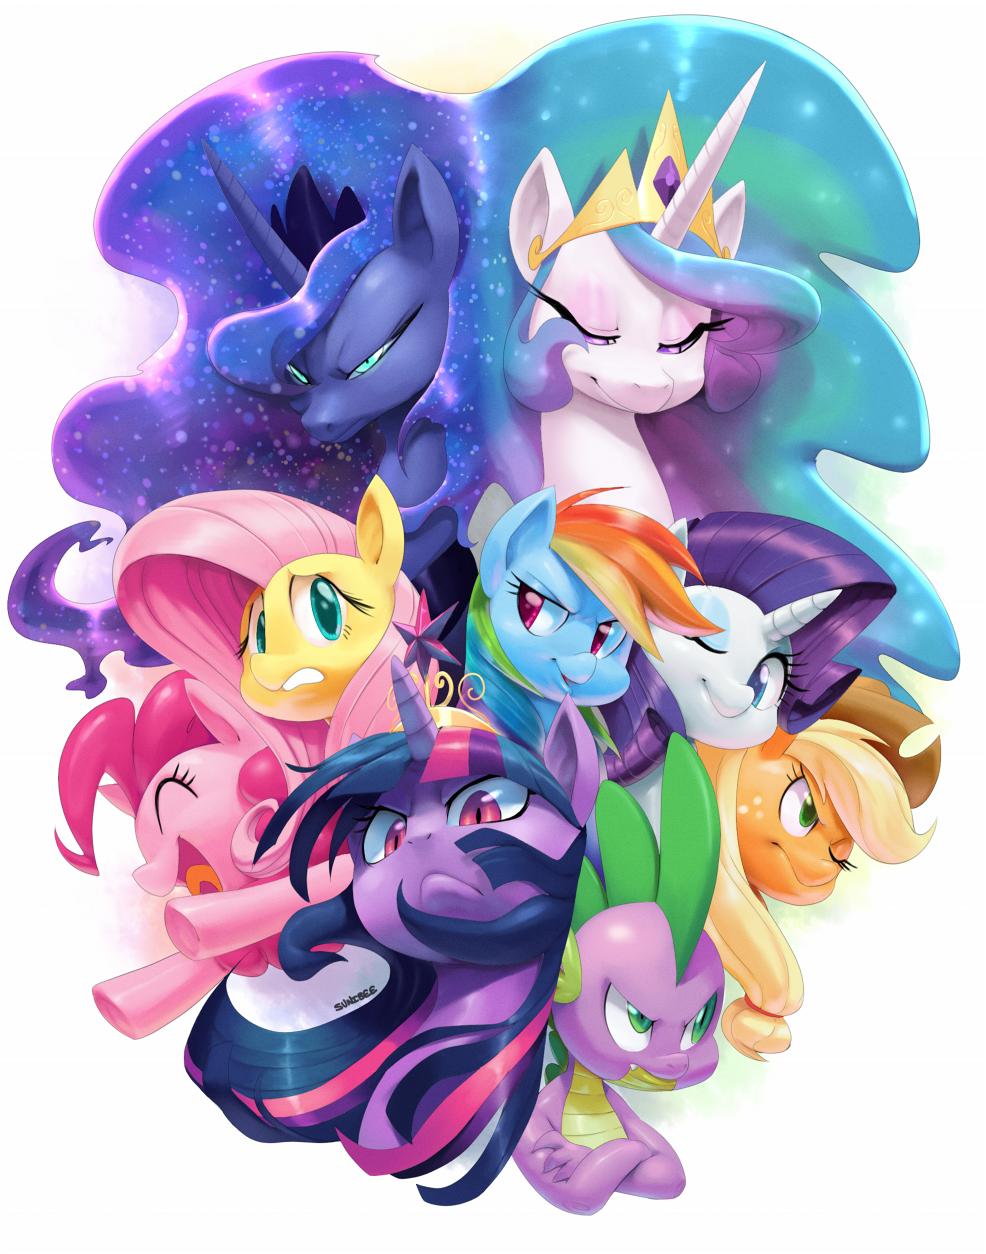 fan-art-my-little-pony-ponies_by-sunibee